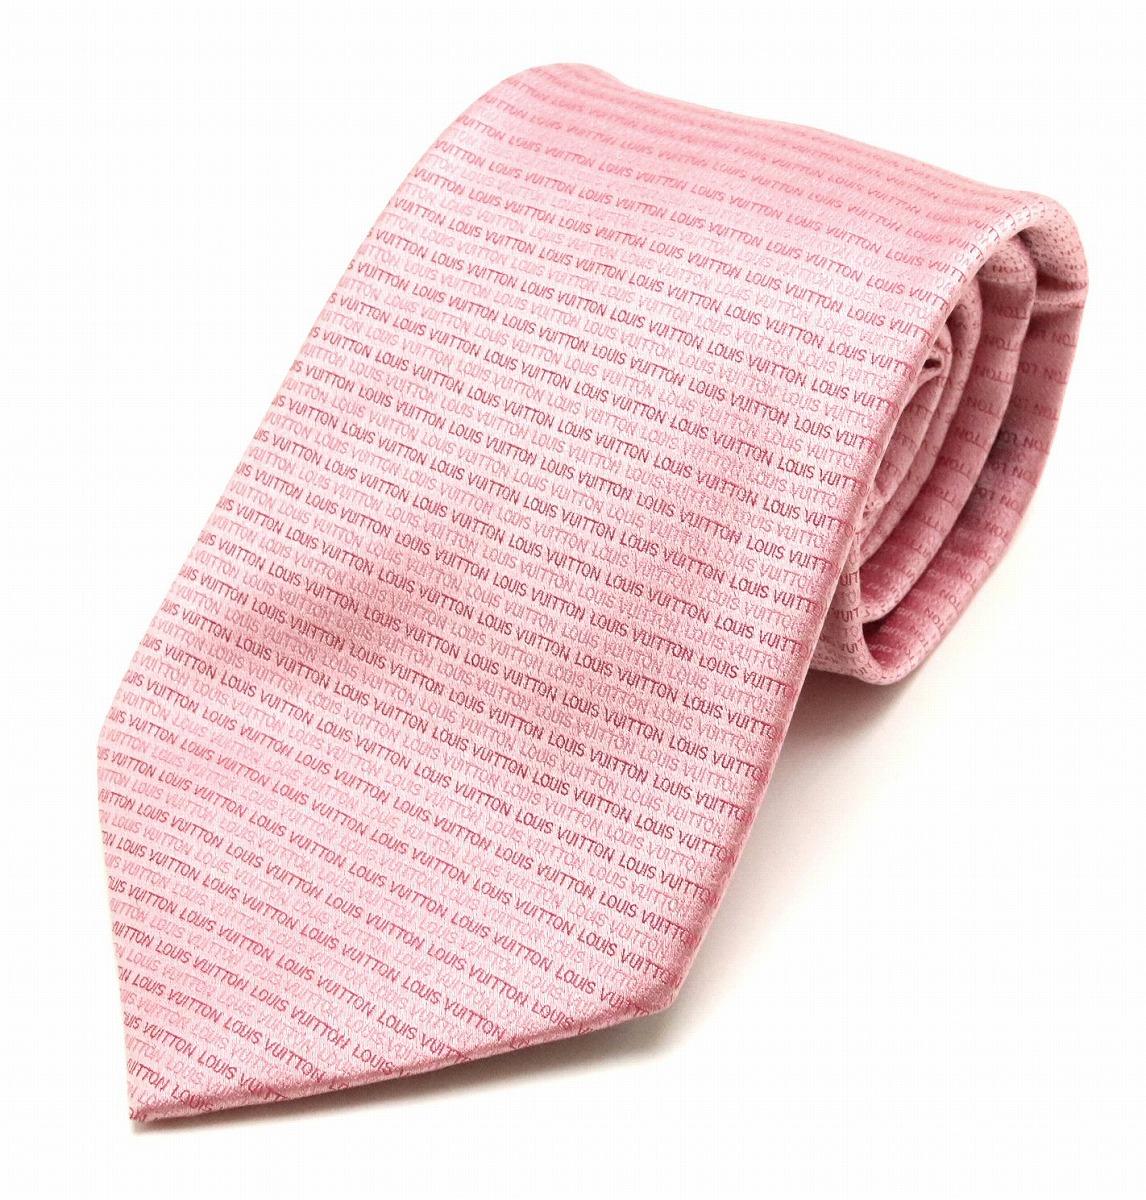 【アパレル】LOUIS VUITTON ルイ ヴィトン ロゴ 総柄 ネクタイ シルク100% ピンク 【中古】【k】